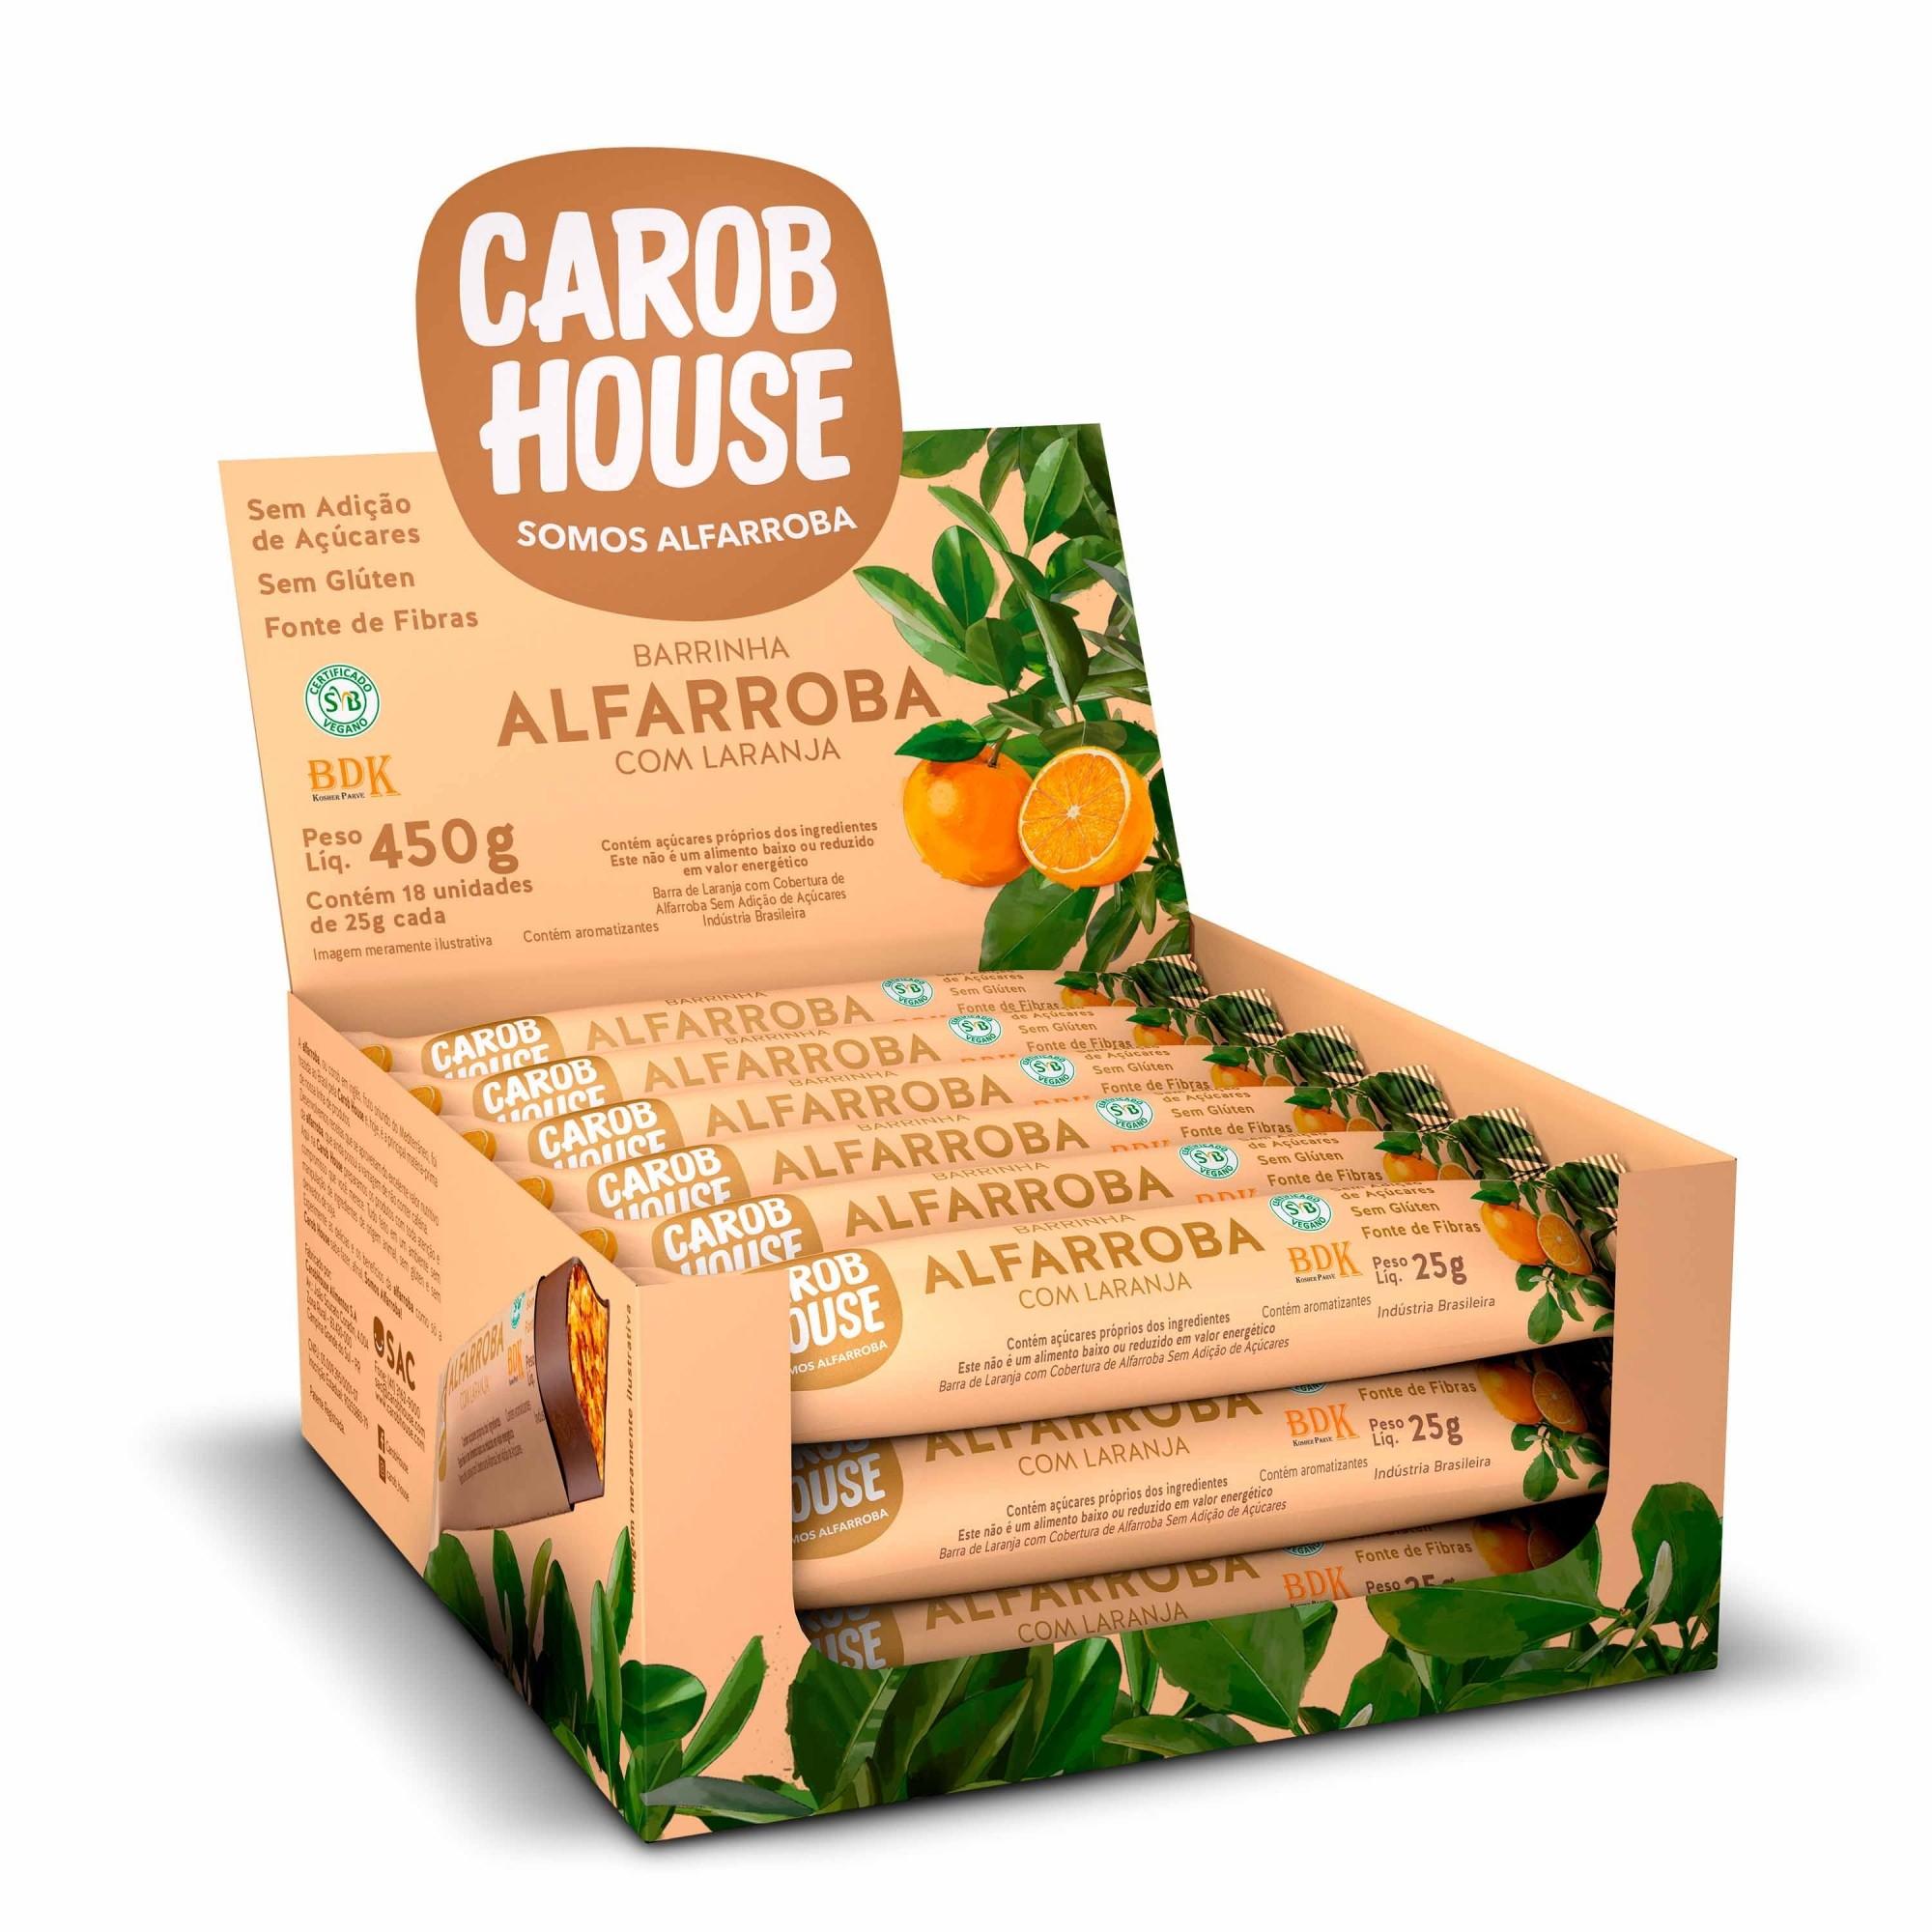 Barrinha de Alfarroba com Laranja Sem Açúcar 25g x 18 - Carob House